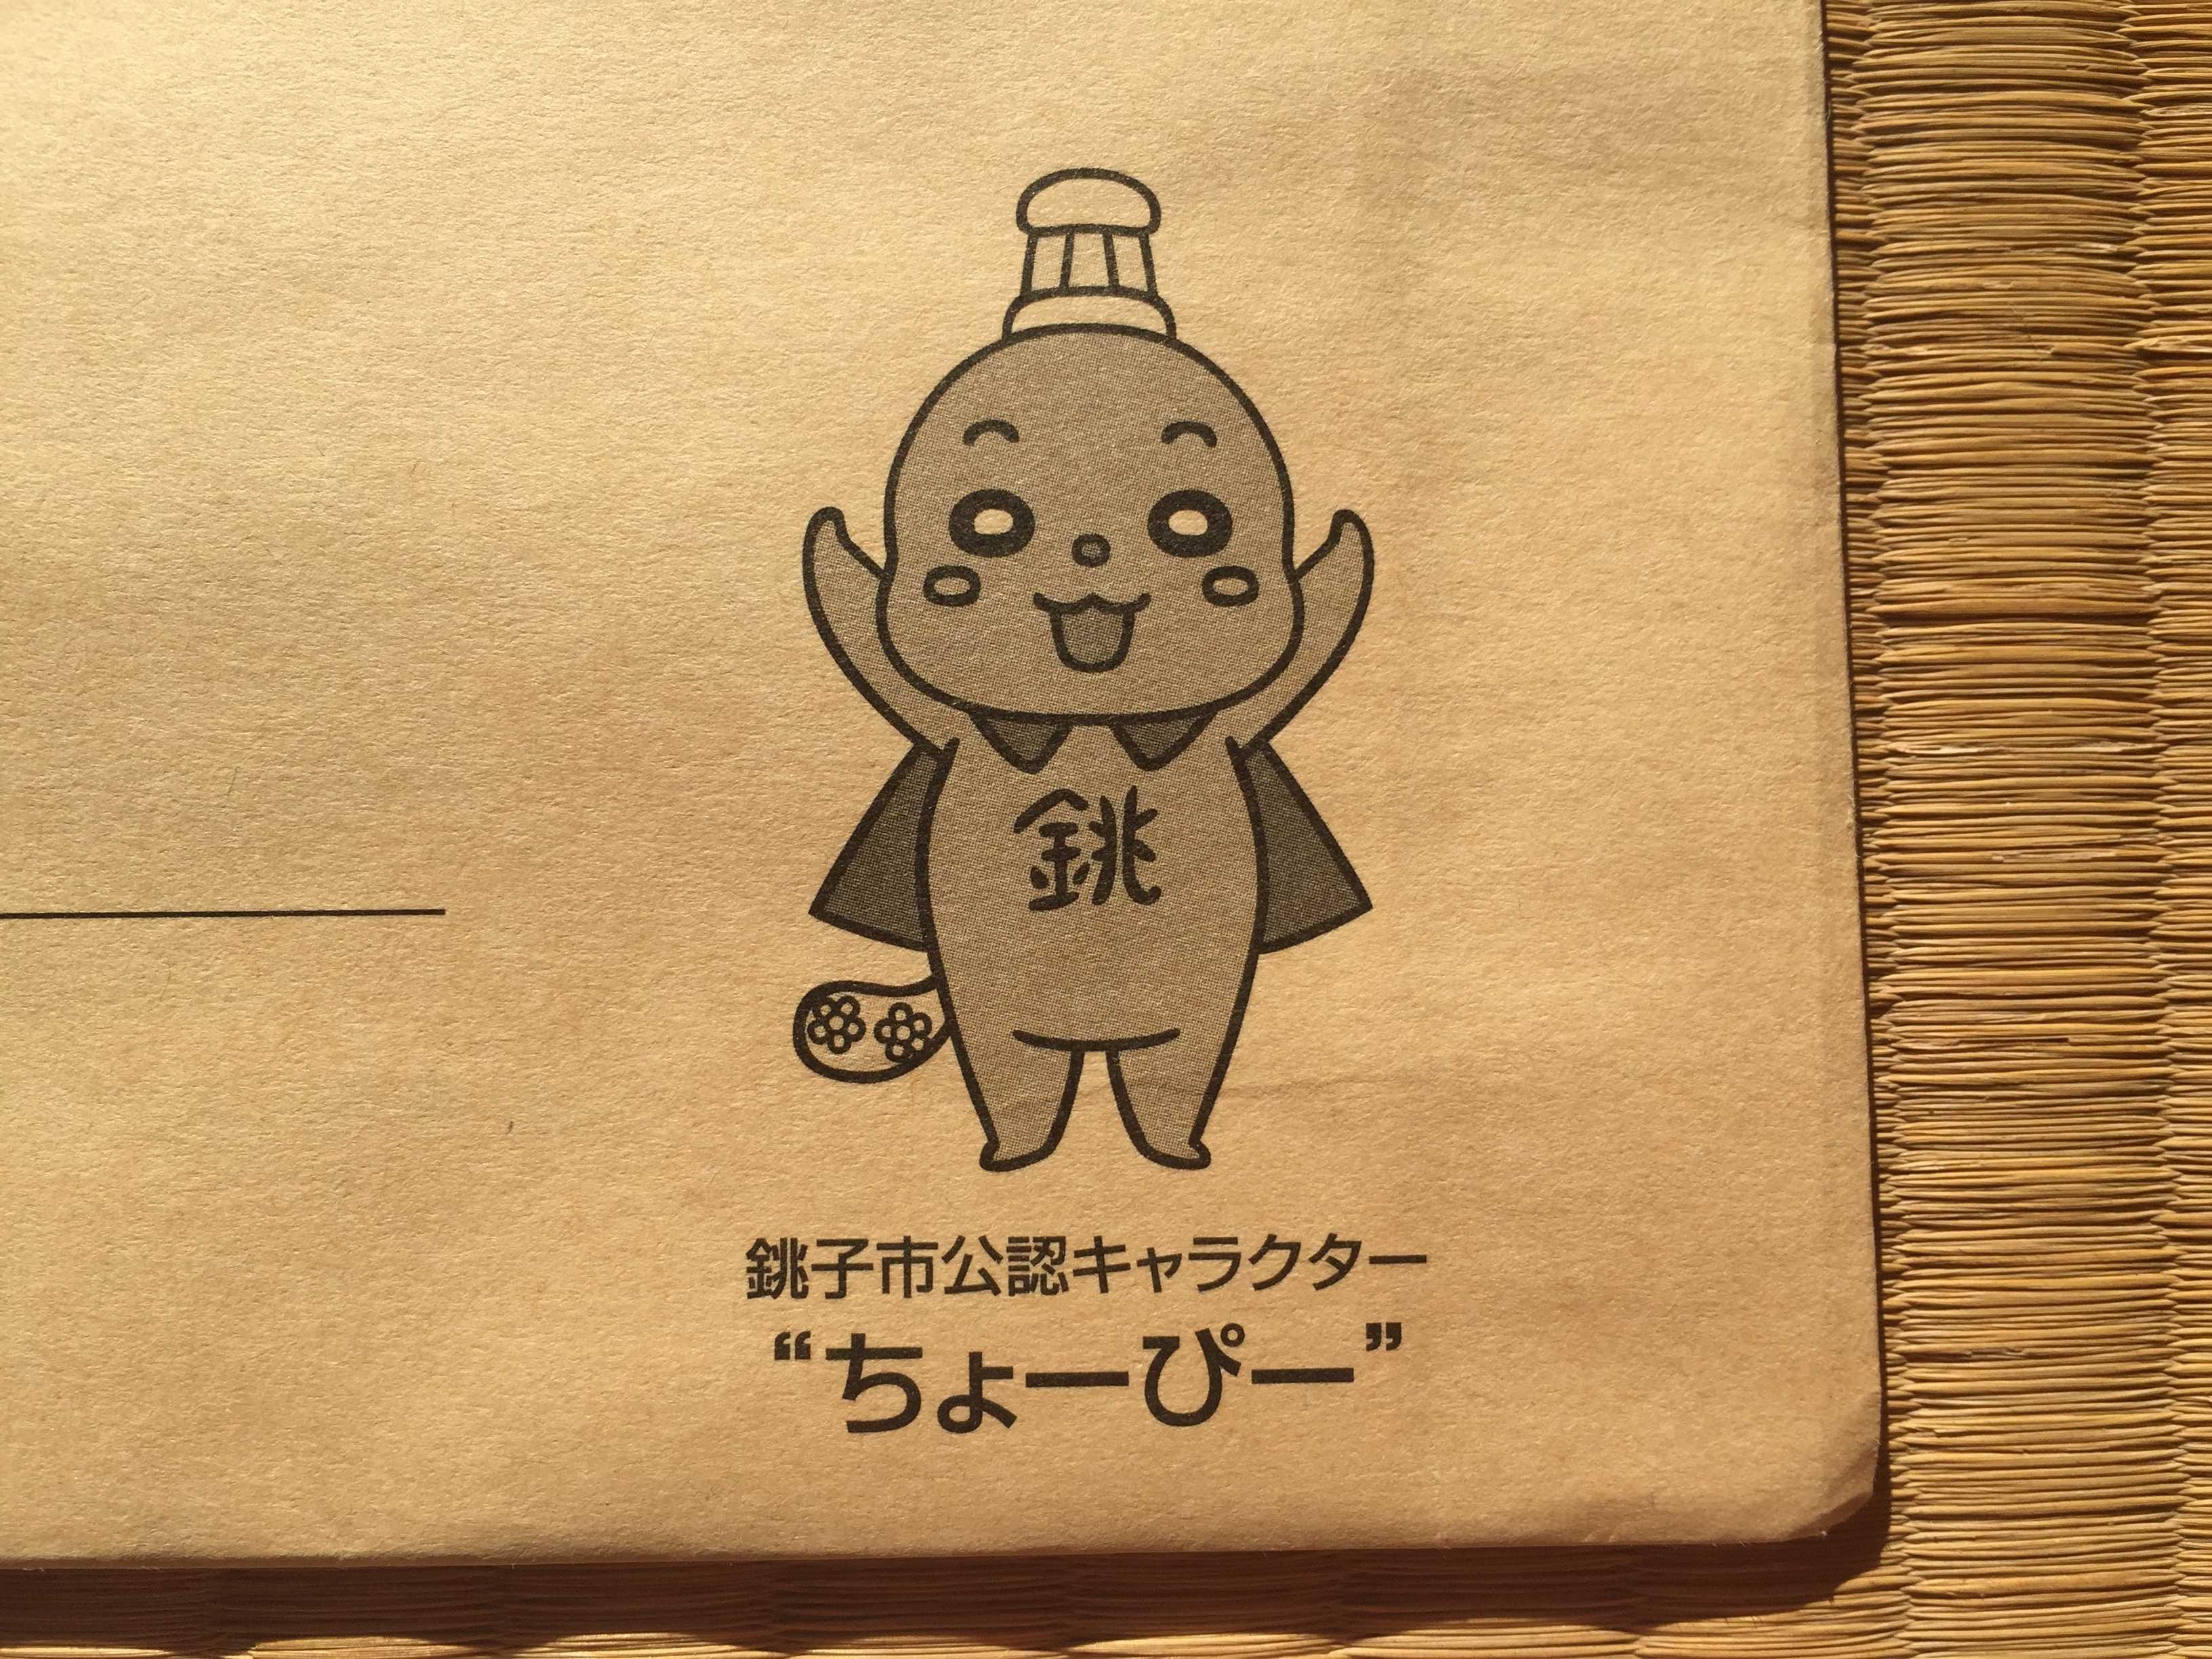 """銚子市の封筒に印刷された銚子市公認キャラクター """"ちょーぴー"""""""